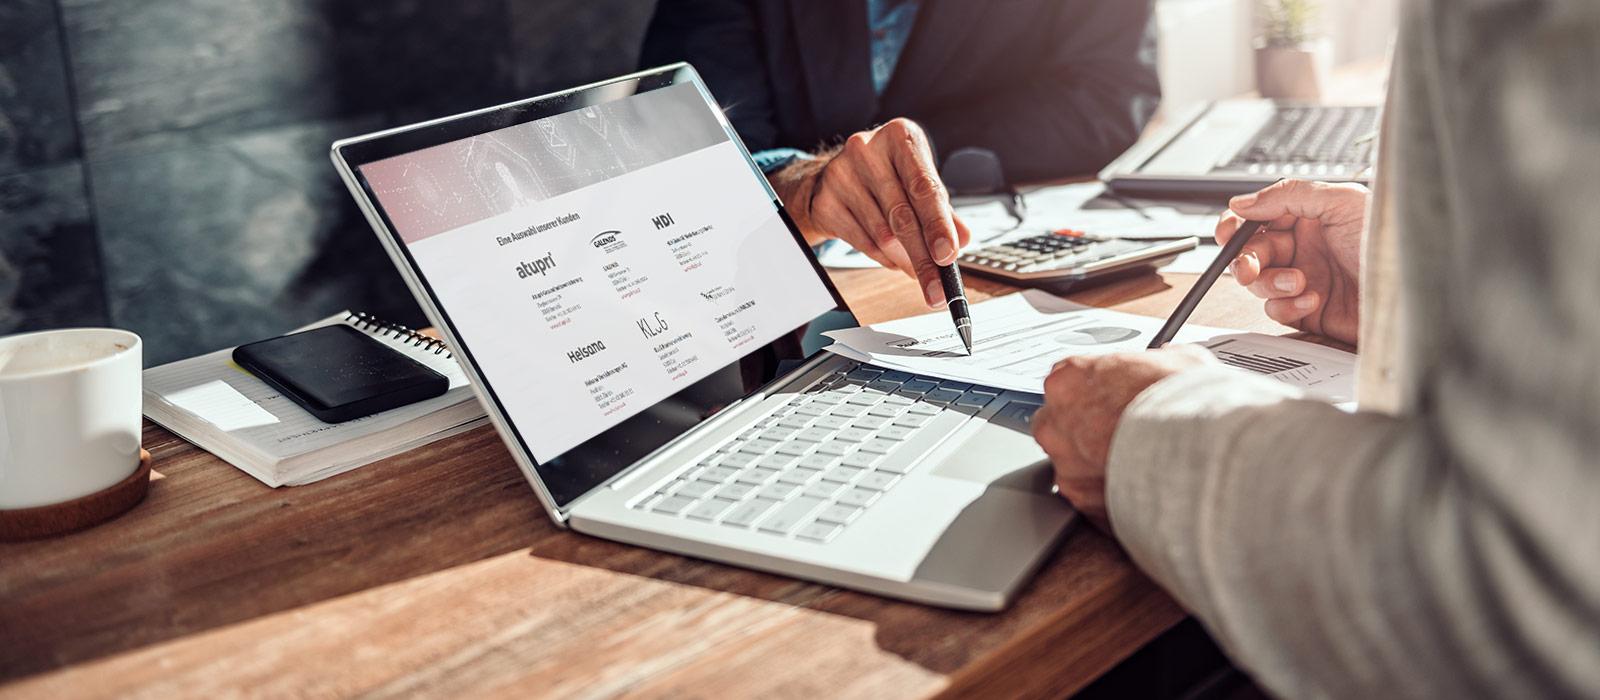 content-referenzen-details-secon-computer-sicht-desktop